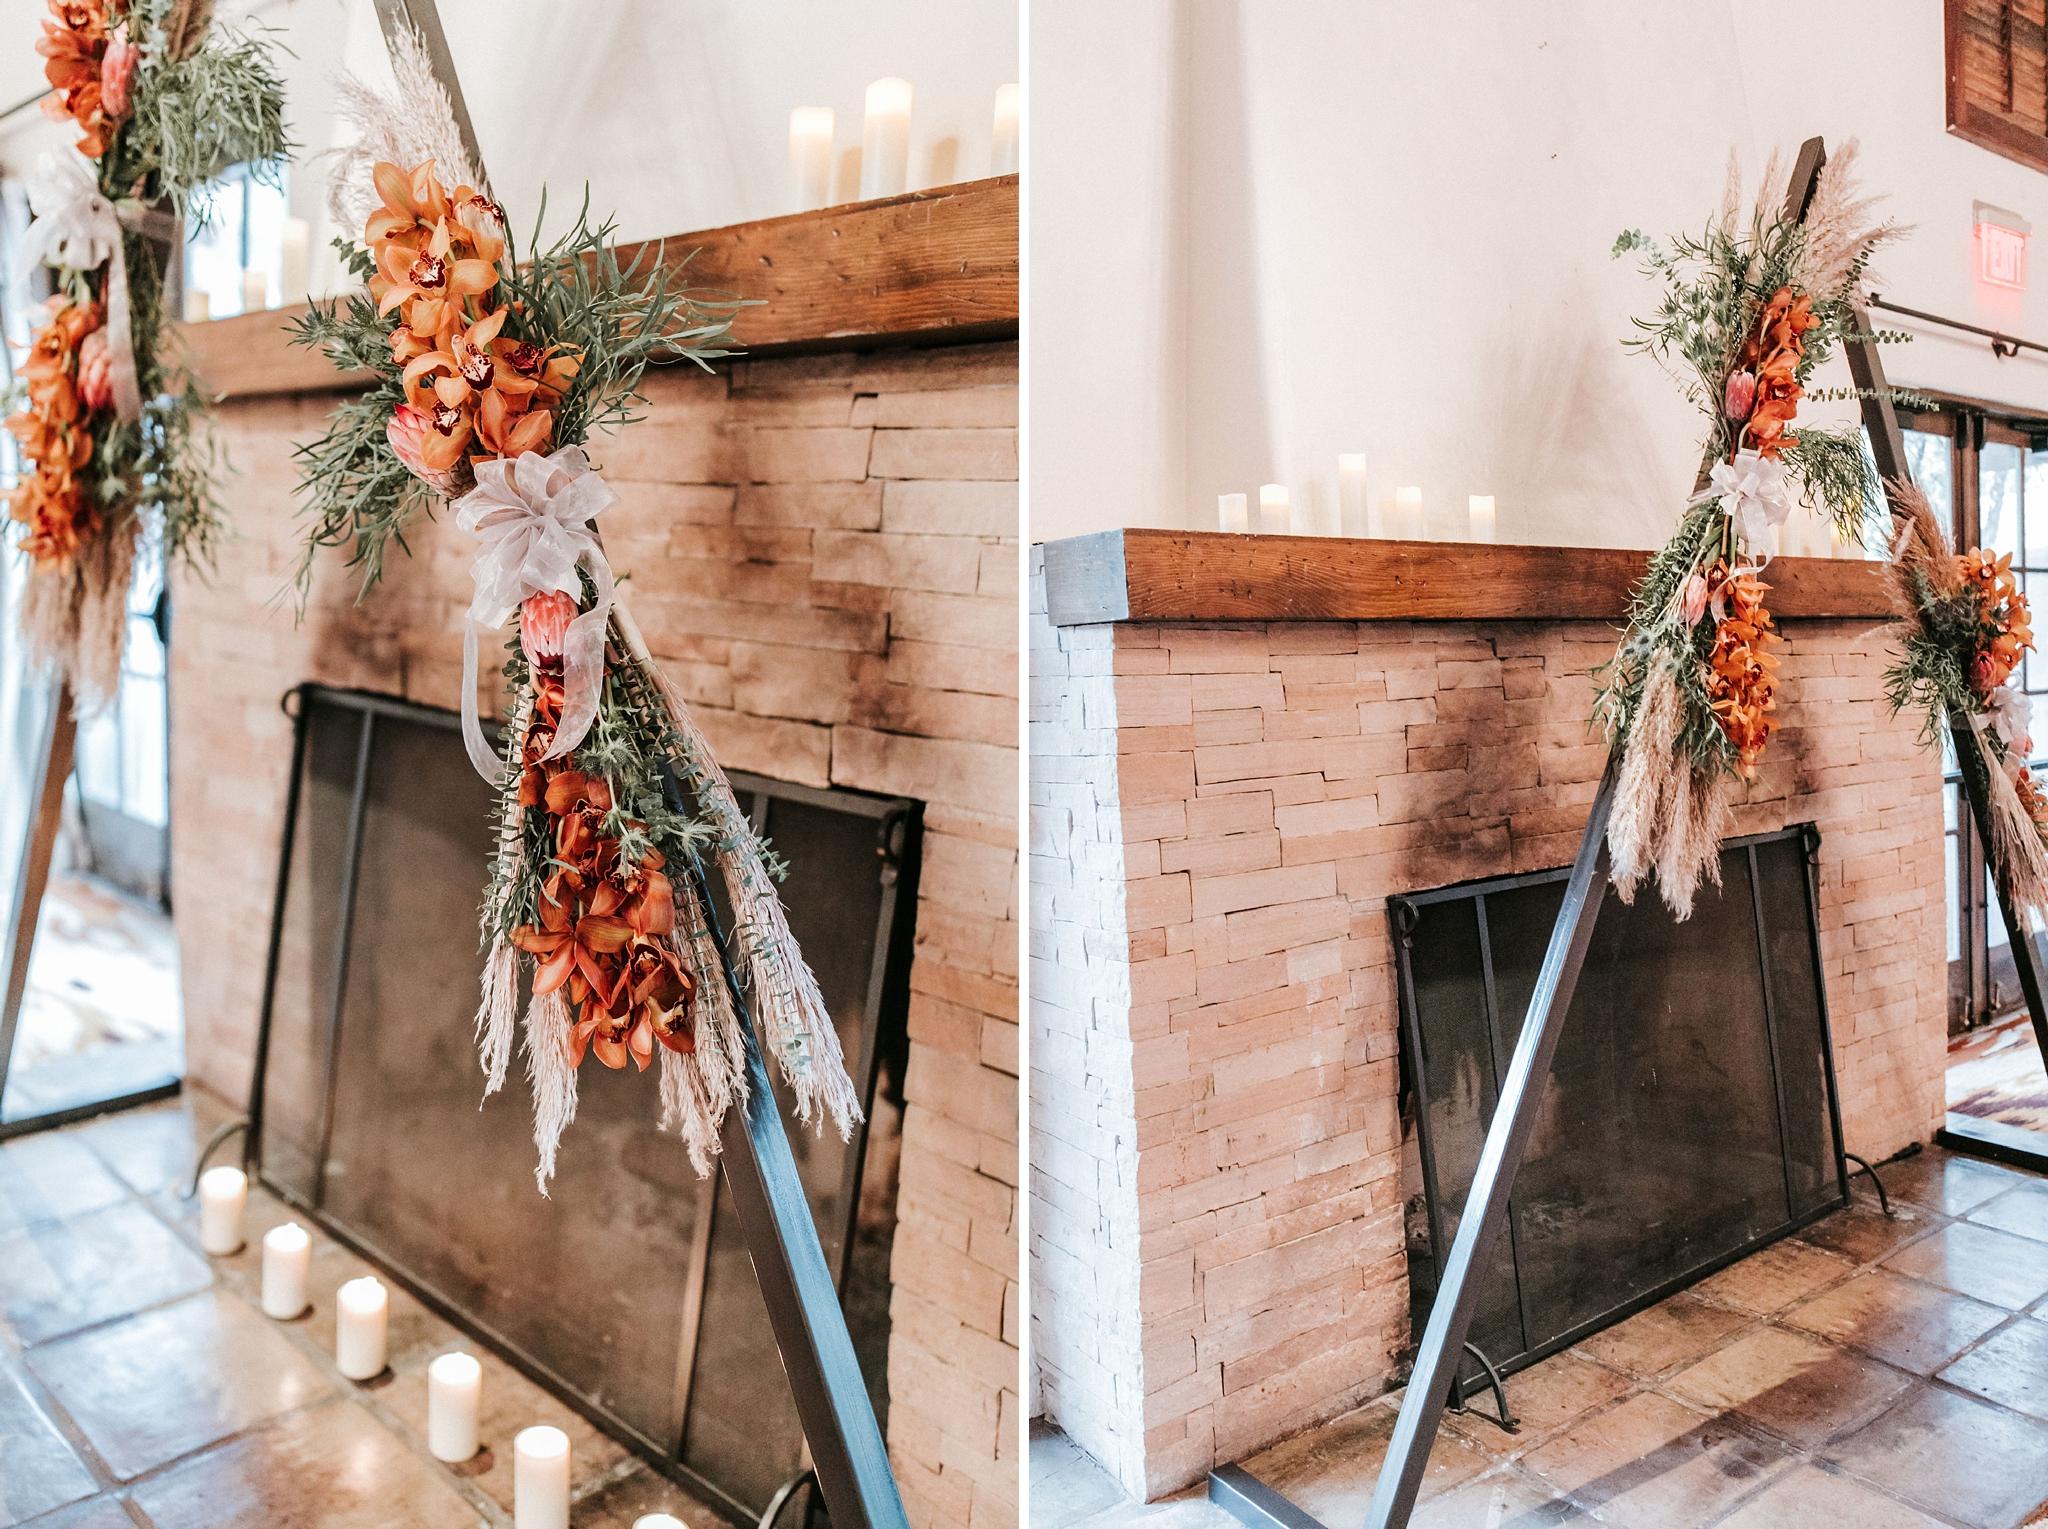 Alicia+lucia+photography+-+albuquerque+wedding+photographer+-+santa+fe+wedding+photography+-+new+mexico+wedding+photographer+-+new+mexico+wedding+-+new+mexico+wedding+-+wedding+florals+-+desert+wedding+-+wedding+trends_0004.jpg